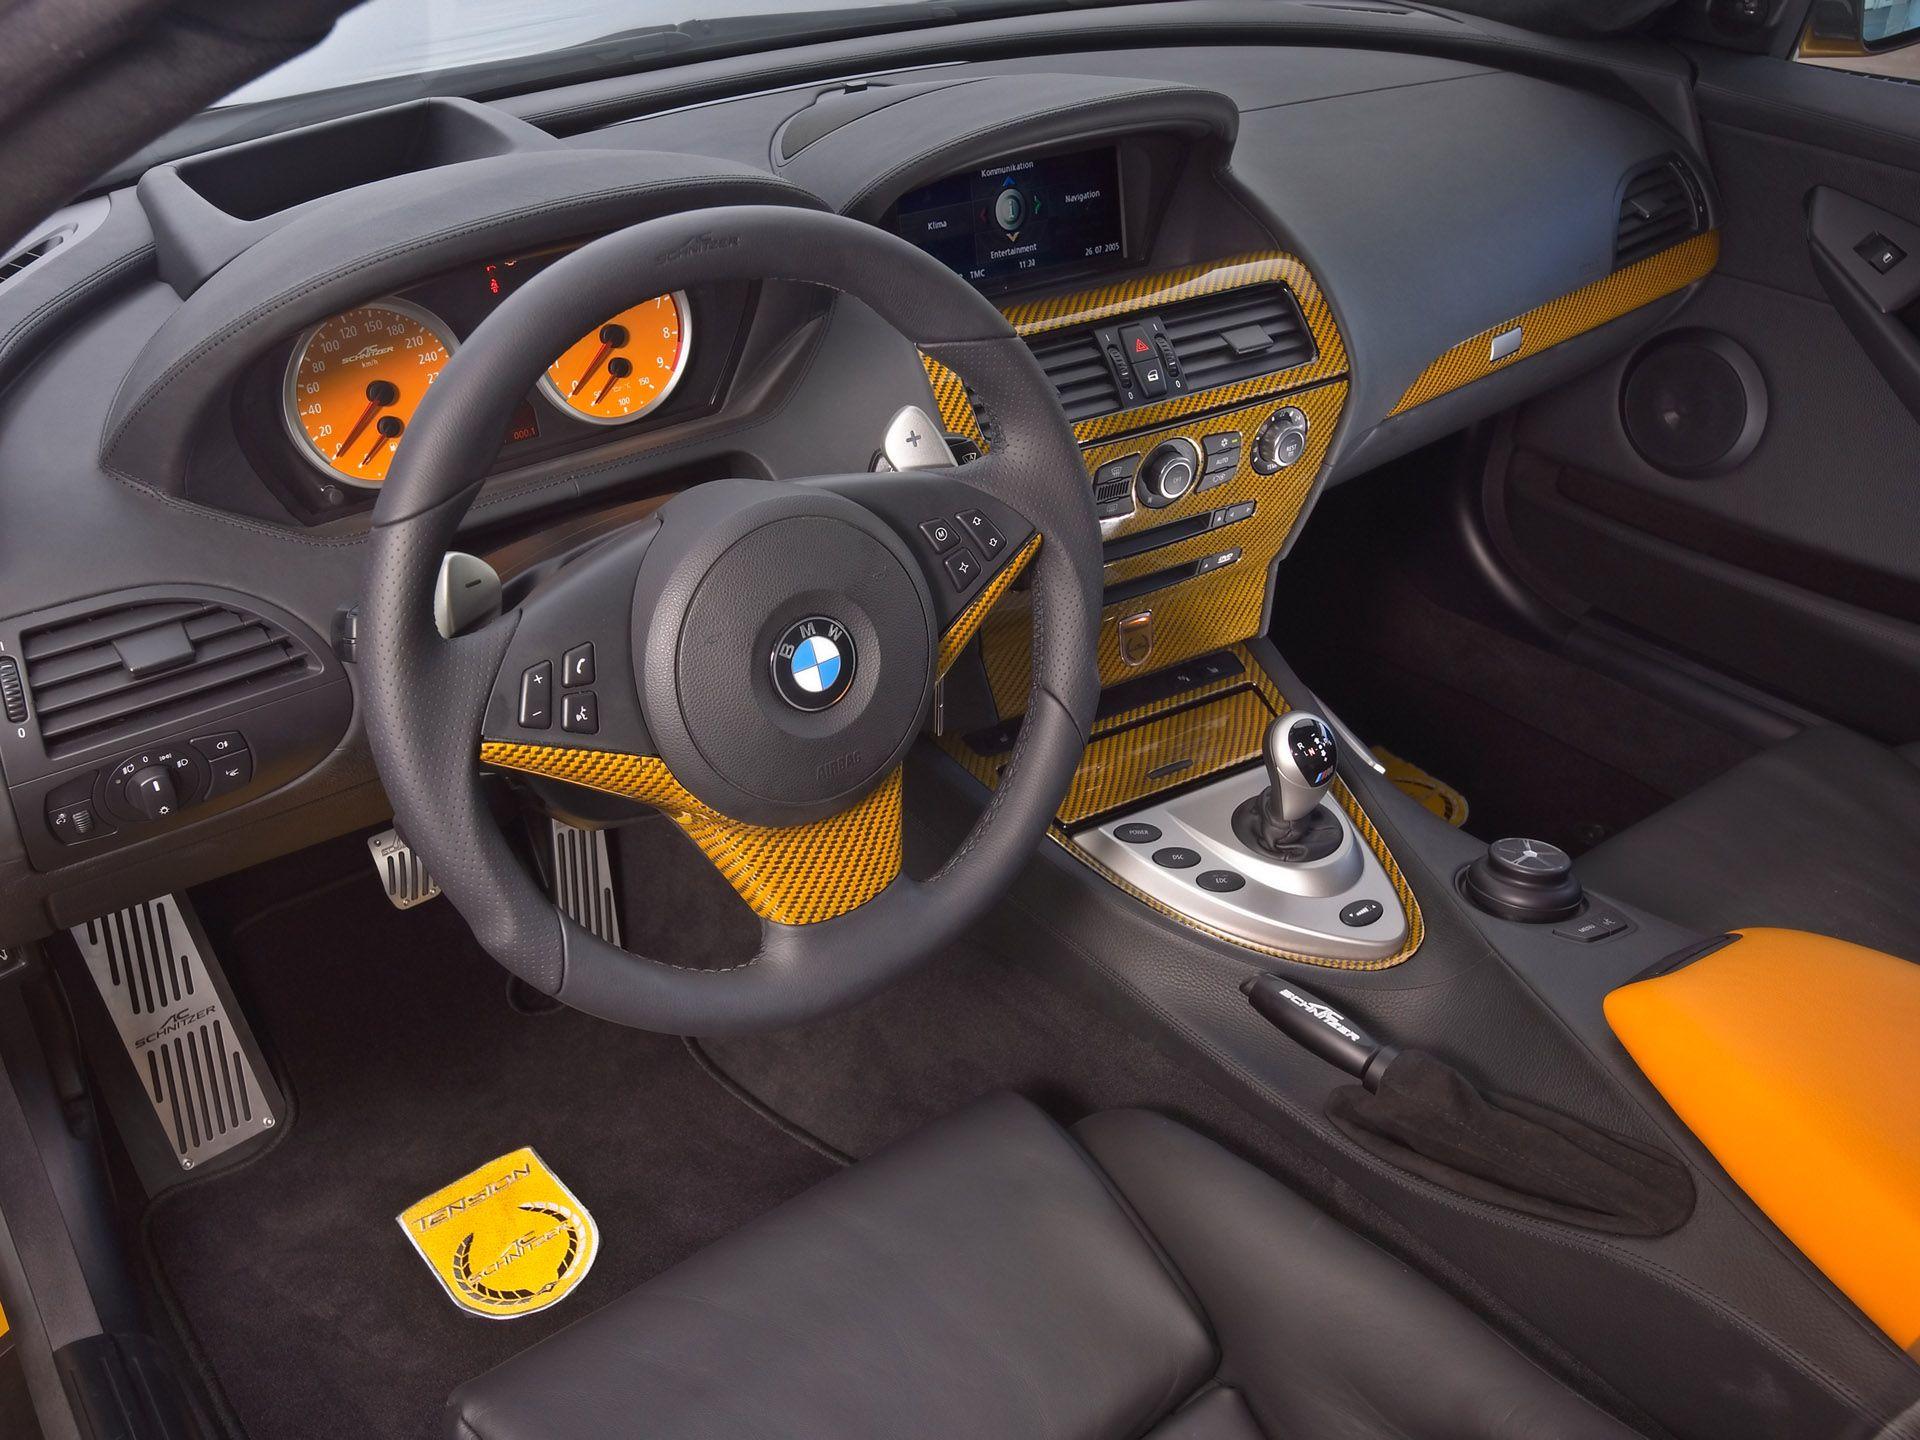 2005 AC Schnitzer TENSION   AC Schnitzer   Pinterest   Bmw m6 and BMW